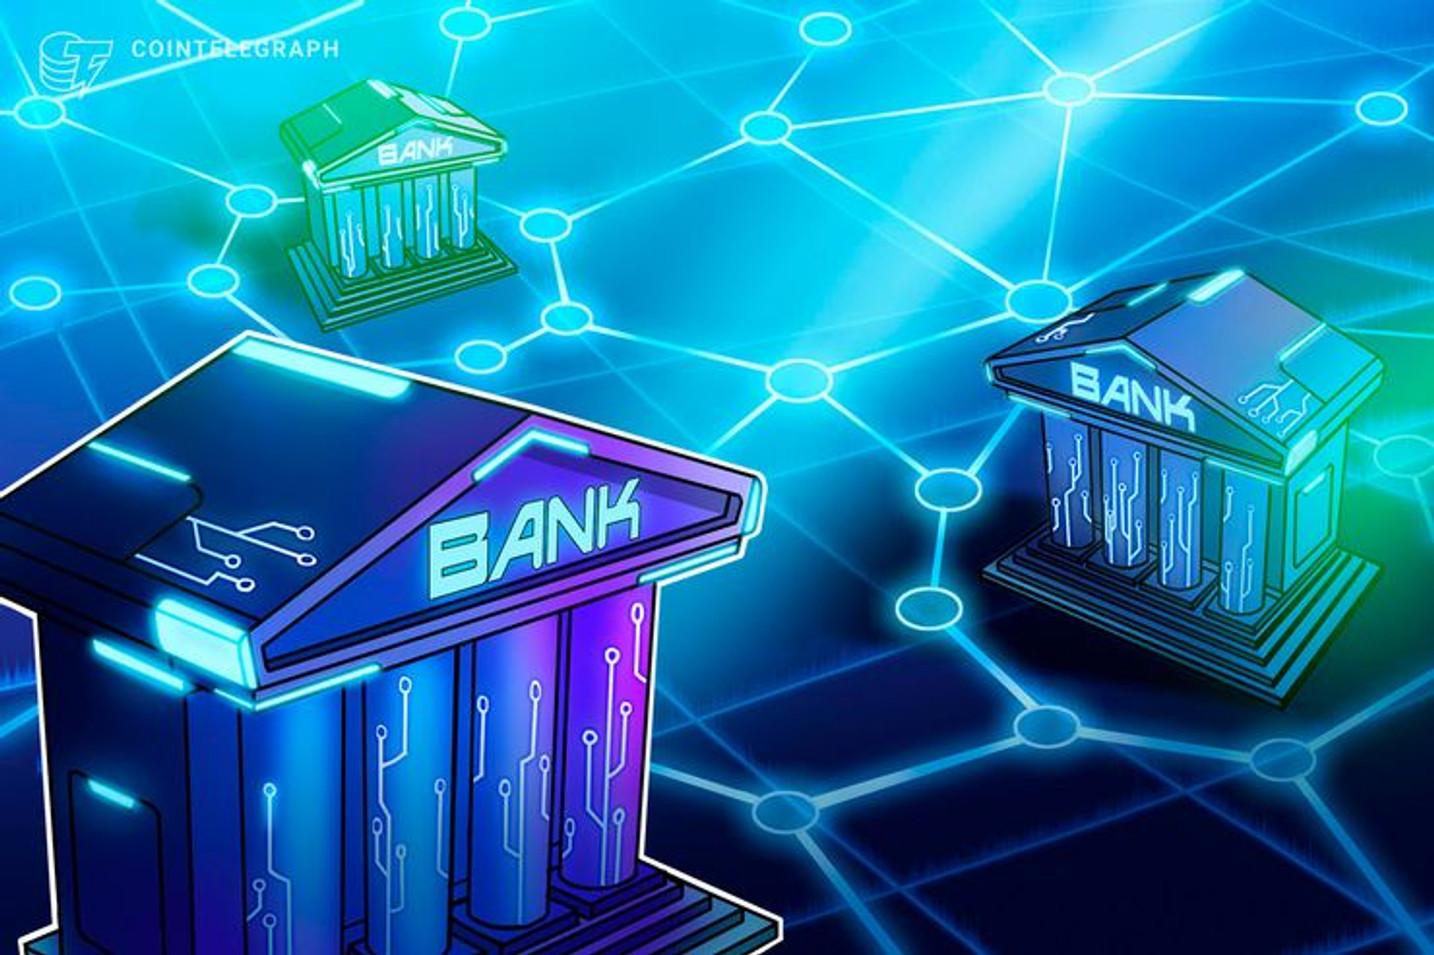 Brasil: TecBan anunció el lanzamiento de una solución blockchain para transacciones interbancarias de la mano de IBM